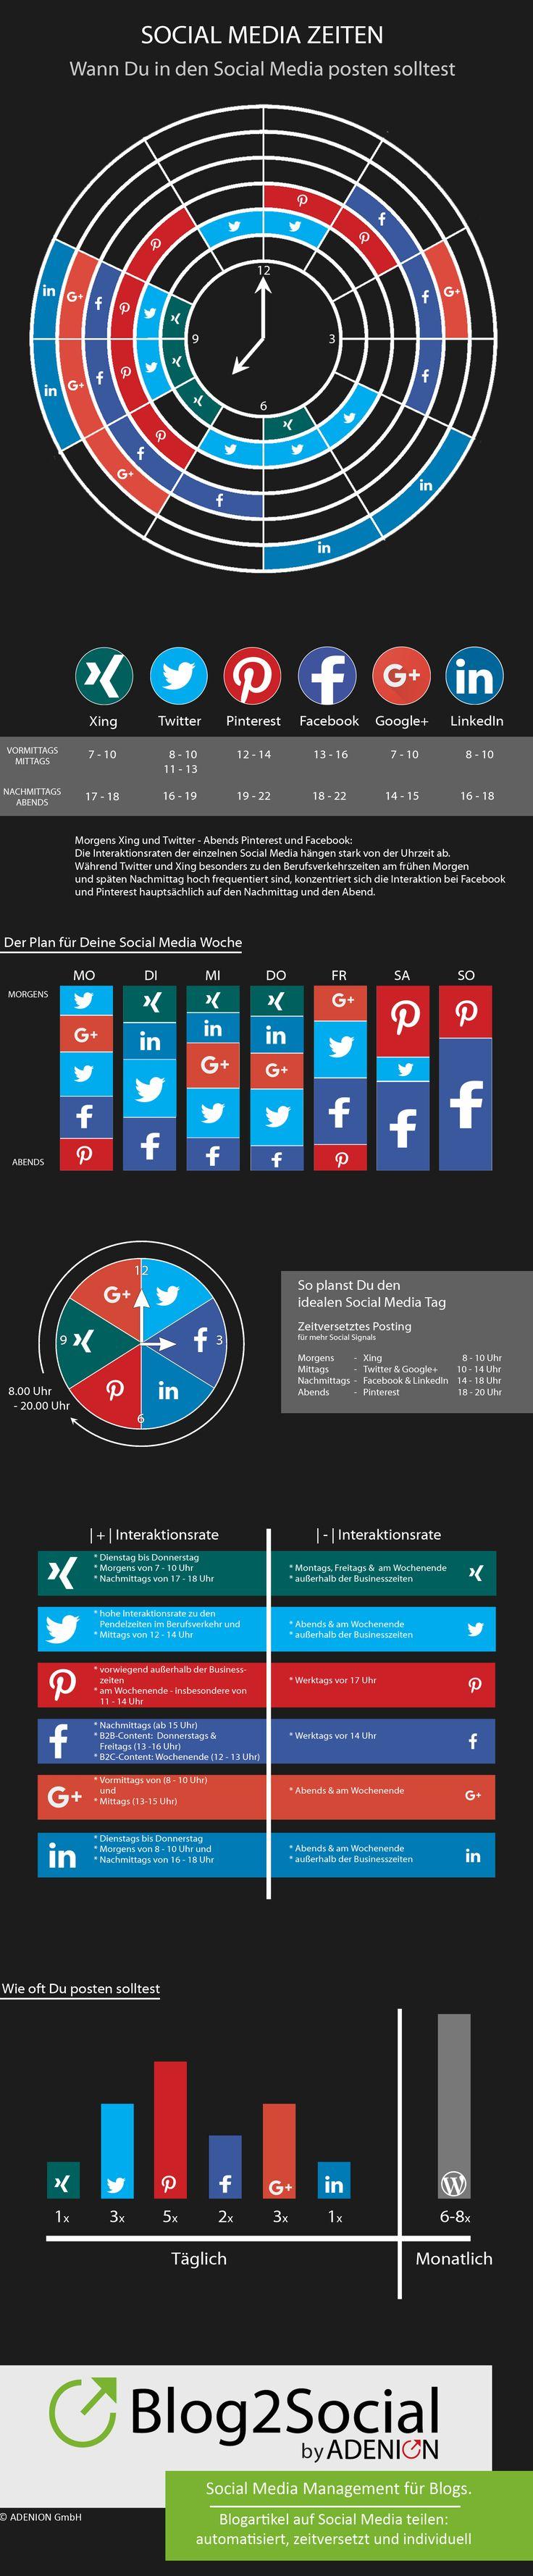 Die Infografik von Blog2Social zeigt die besten Zeiten für Social Media Beiträge und liefert Tipps für besseres Social Media Management.  http://www.blog2social.com/de/blog/infografik-die-besten-zeiten-fuer-social-media-beitraege/